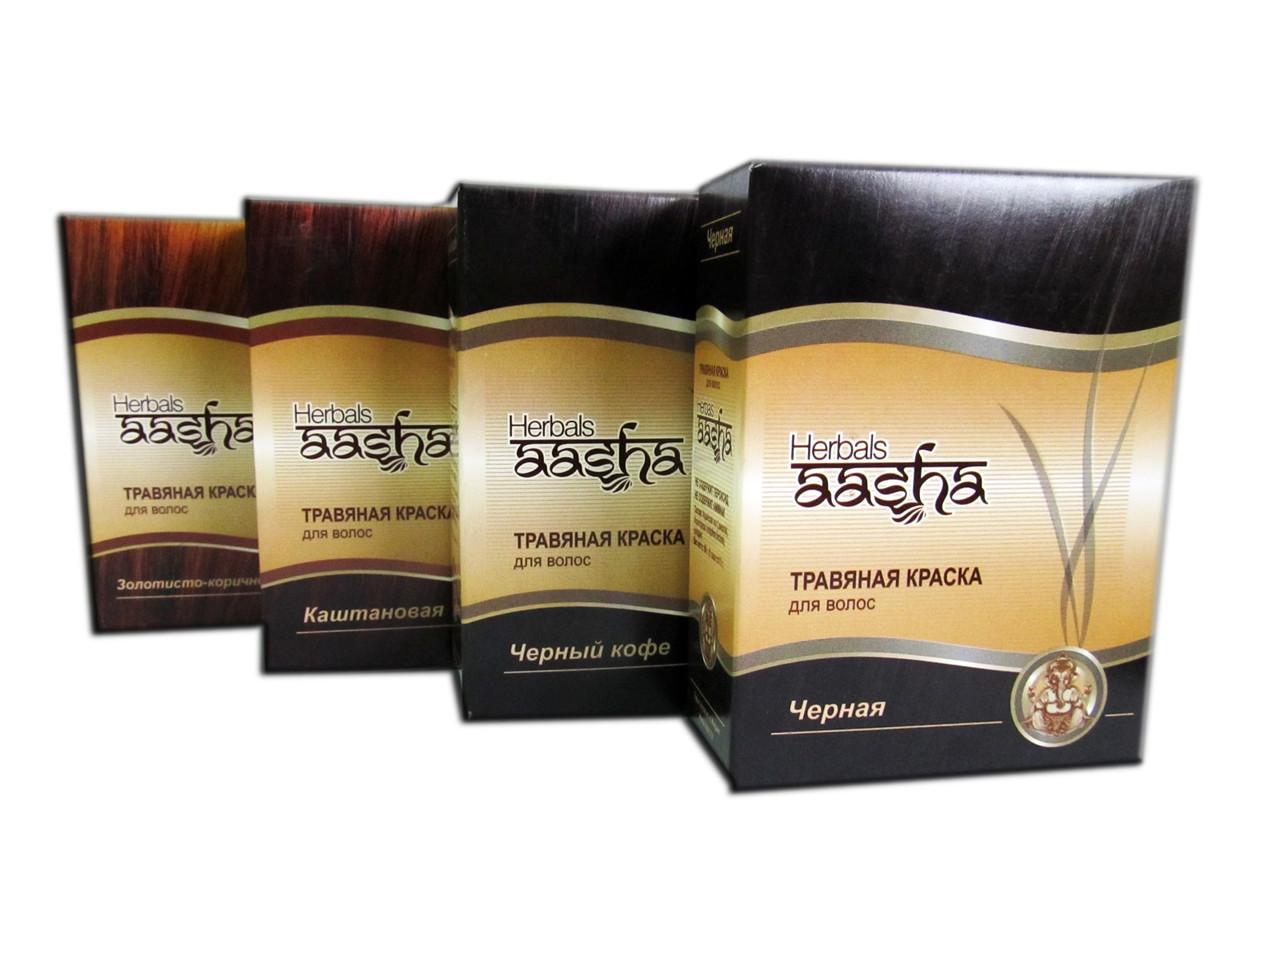 Краска для волос травяная Ааша, Aasha 60 грамм в асс.: Черный,Черный кофе,Каштановый,Золотисто-коричневый